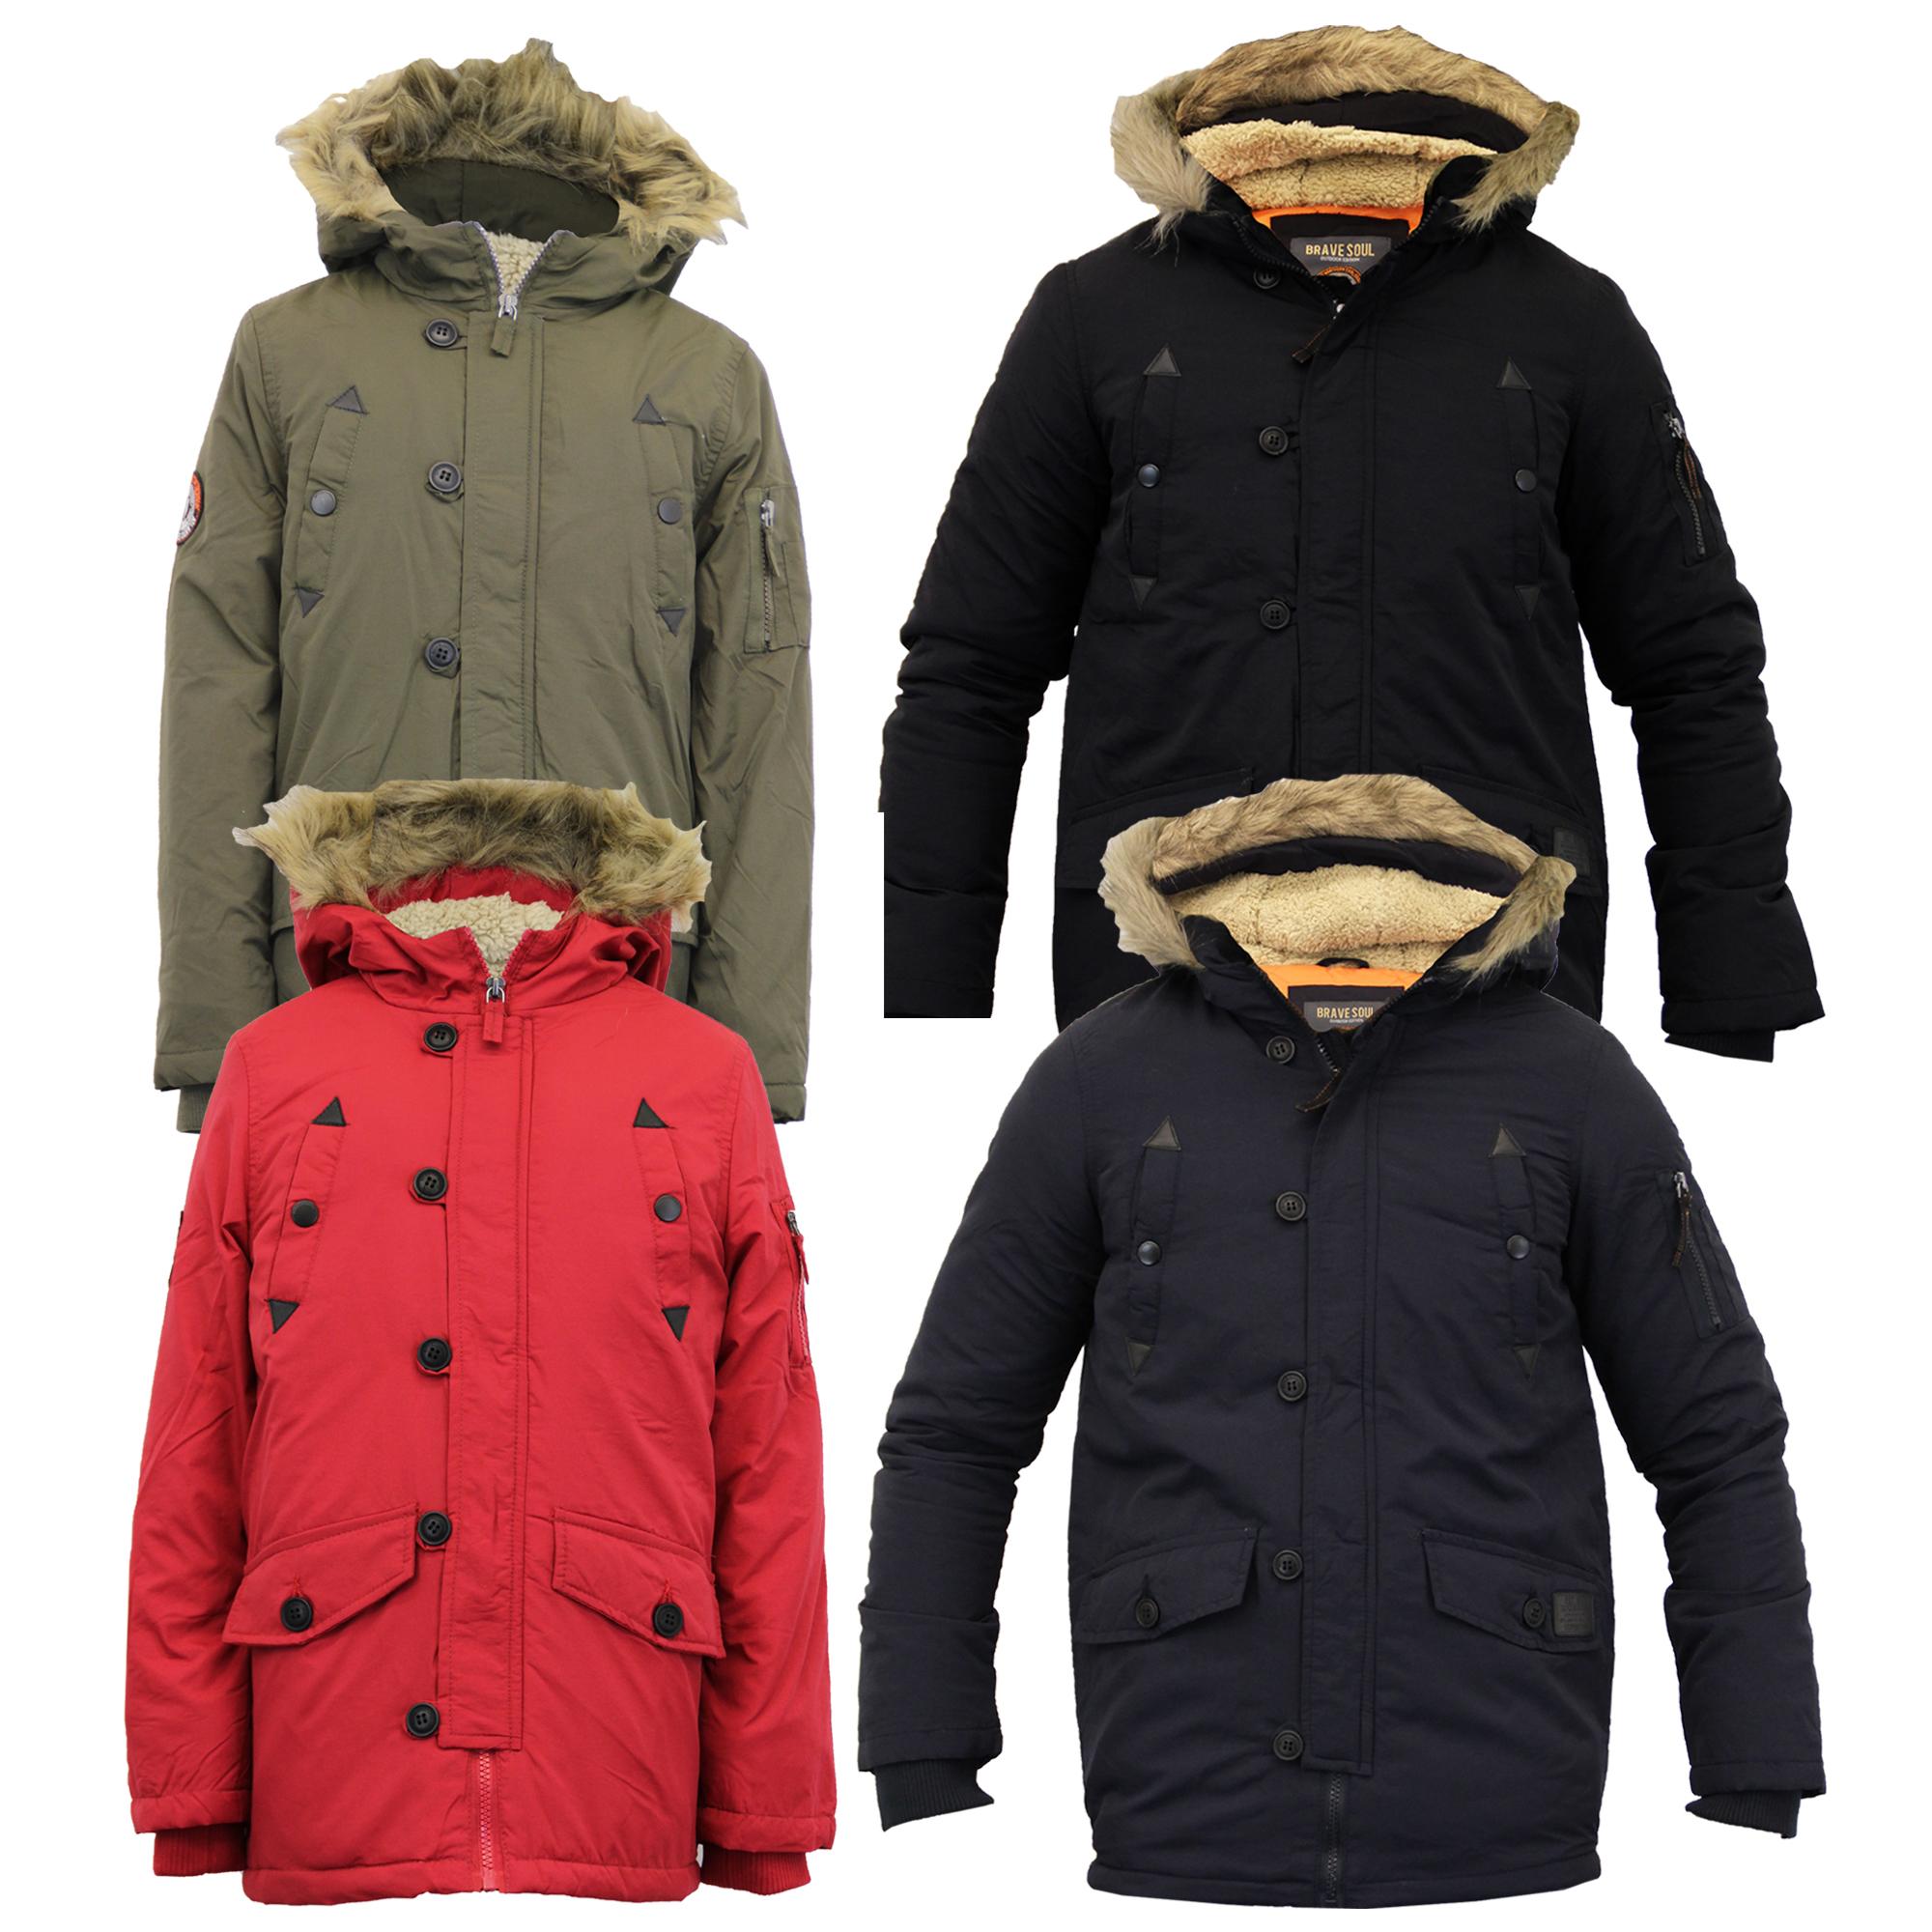 Fur Hooded Boys School Coat Kids Fleece Lined Warm Winter Padded Parka Jacket